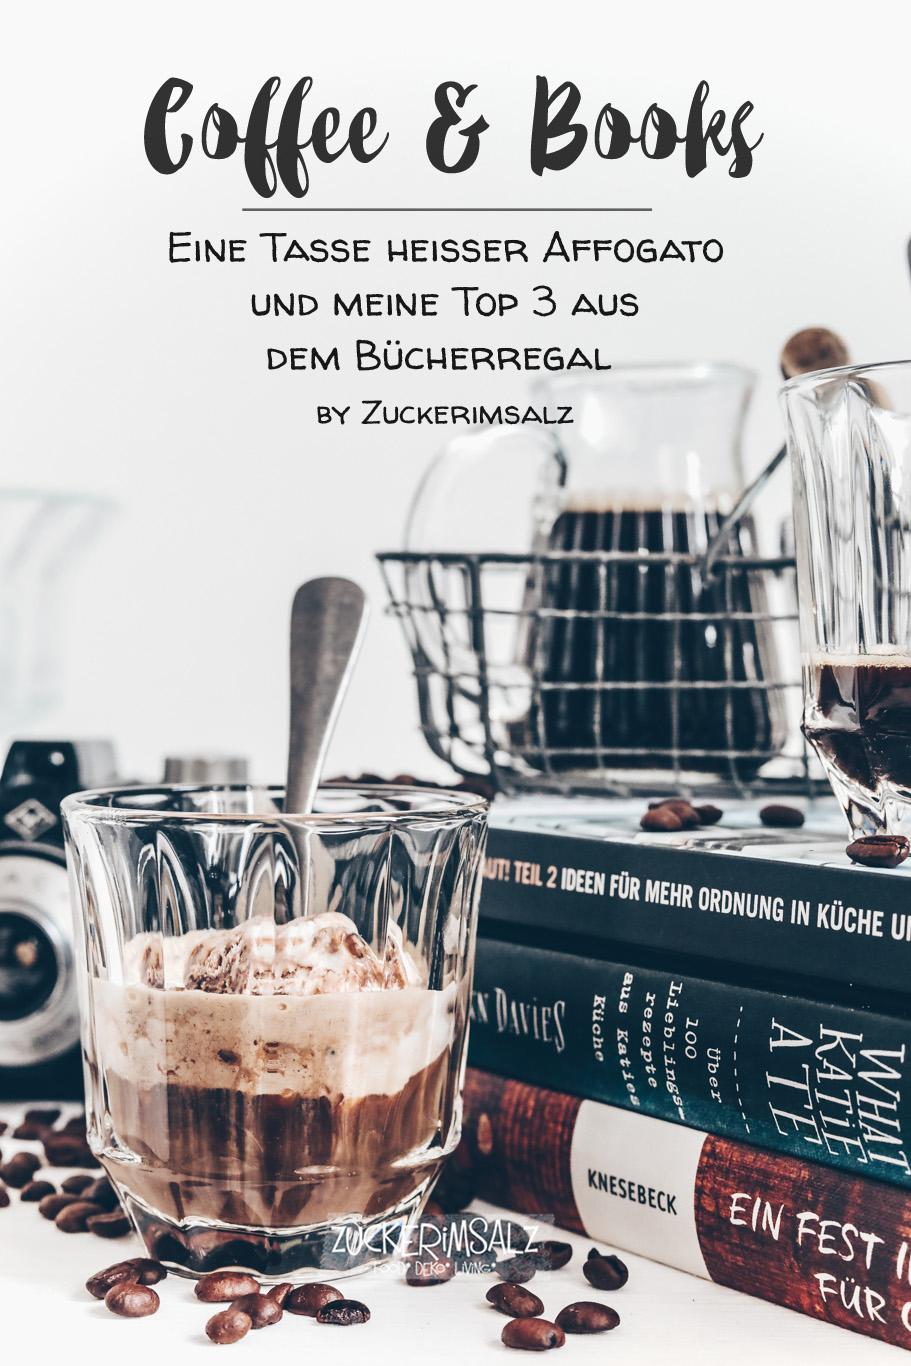 Coffee & Books | Eine Tasse heißer Affogato und meine Top 3 aus dem Bücherregal